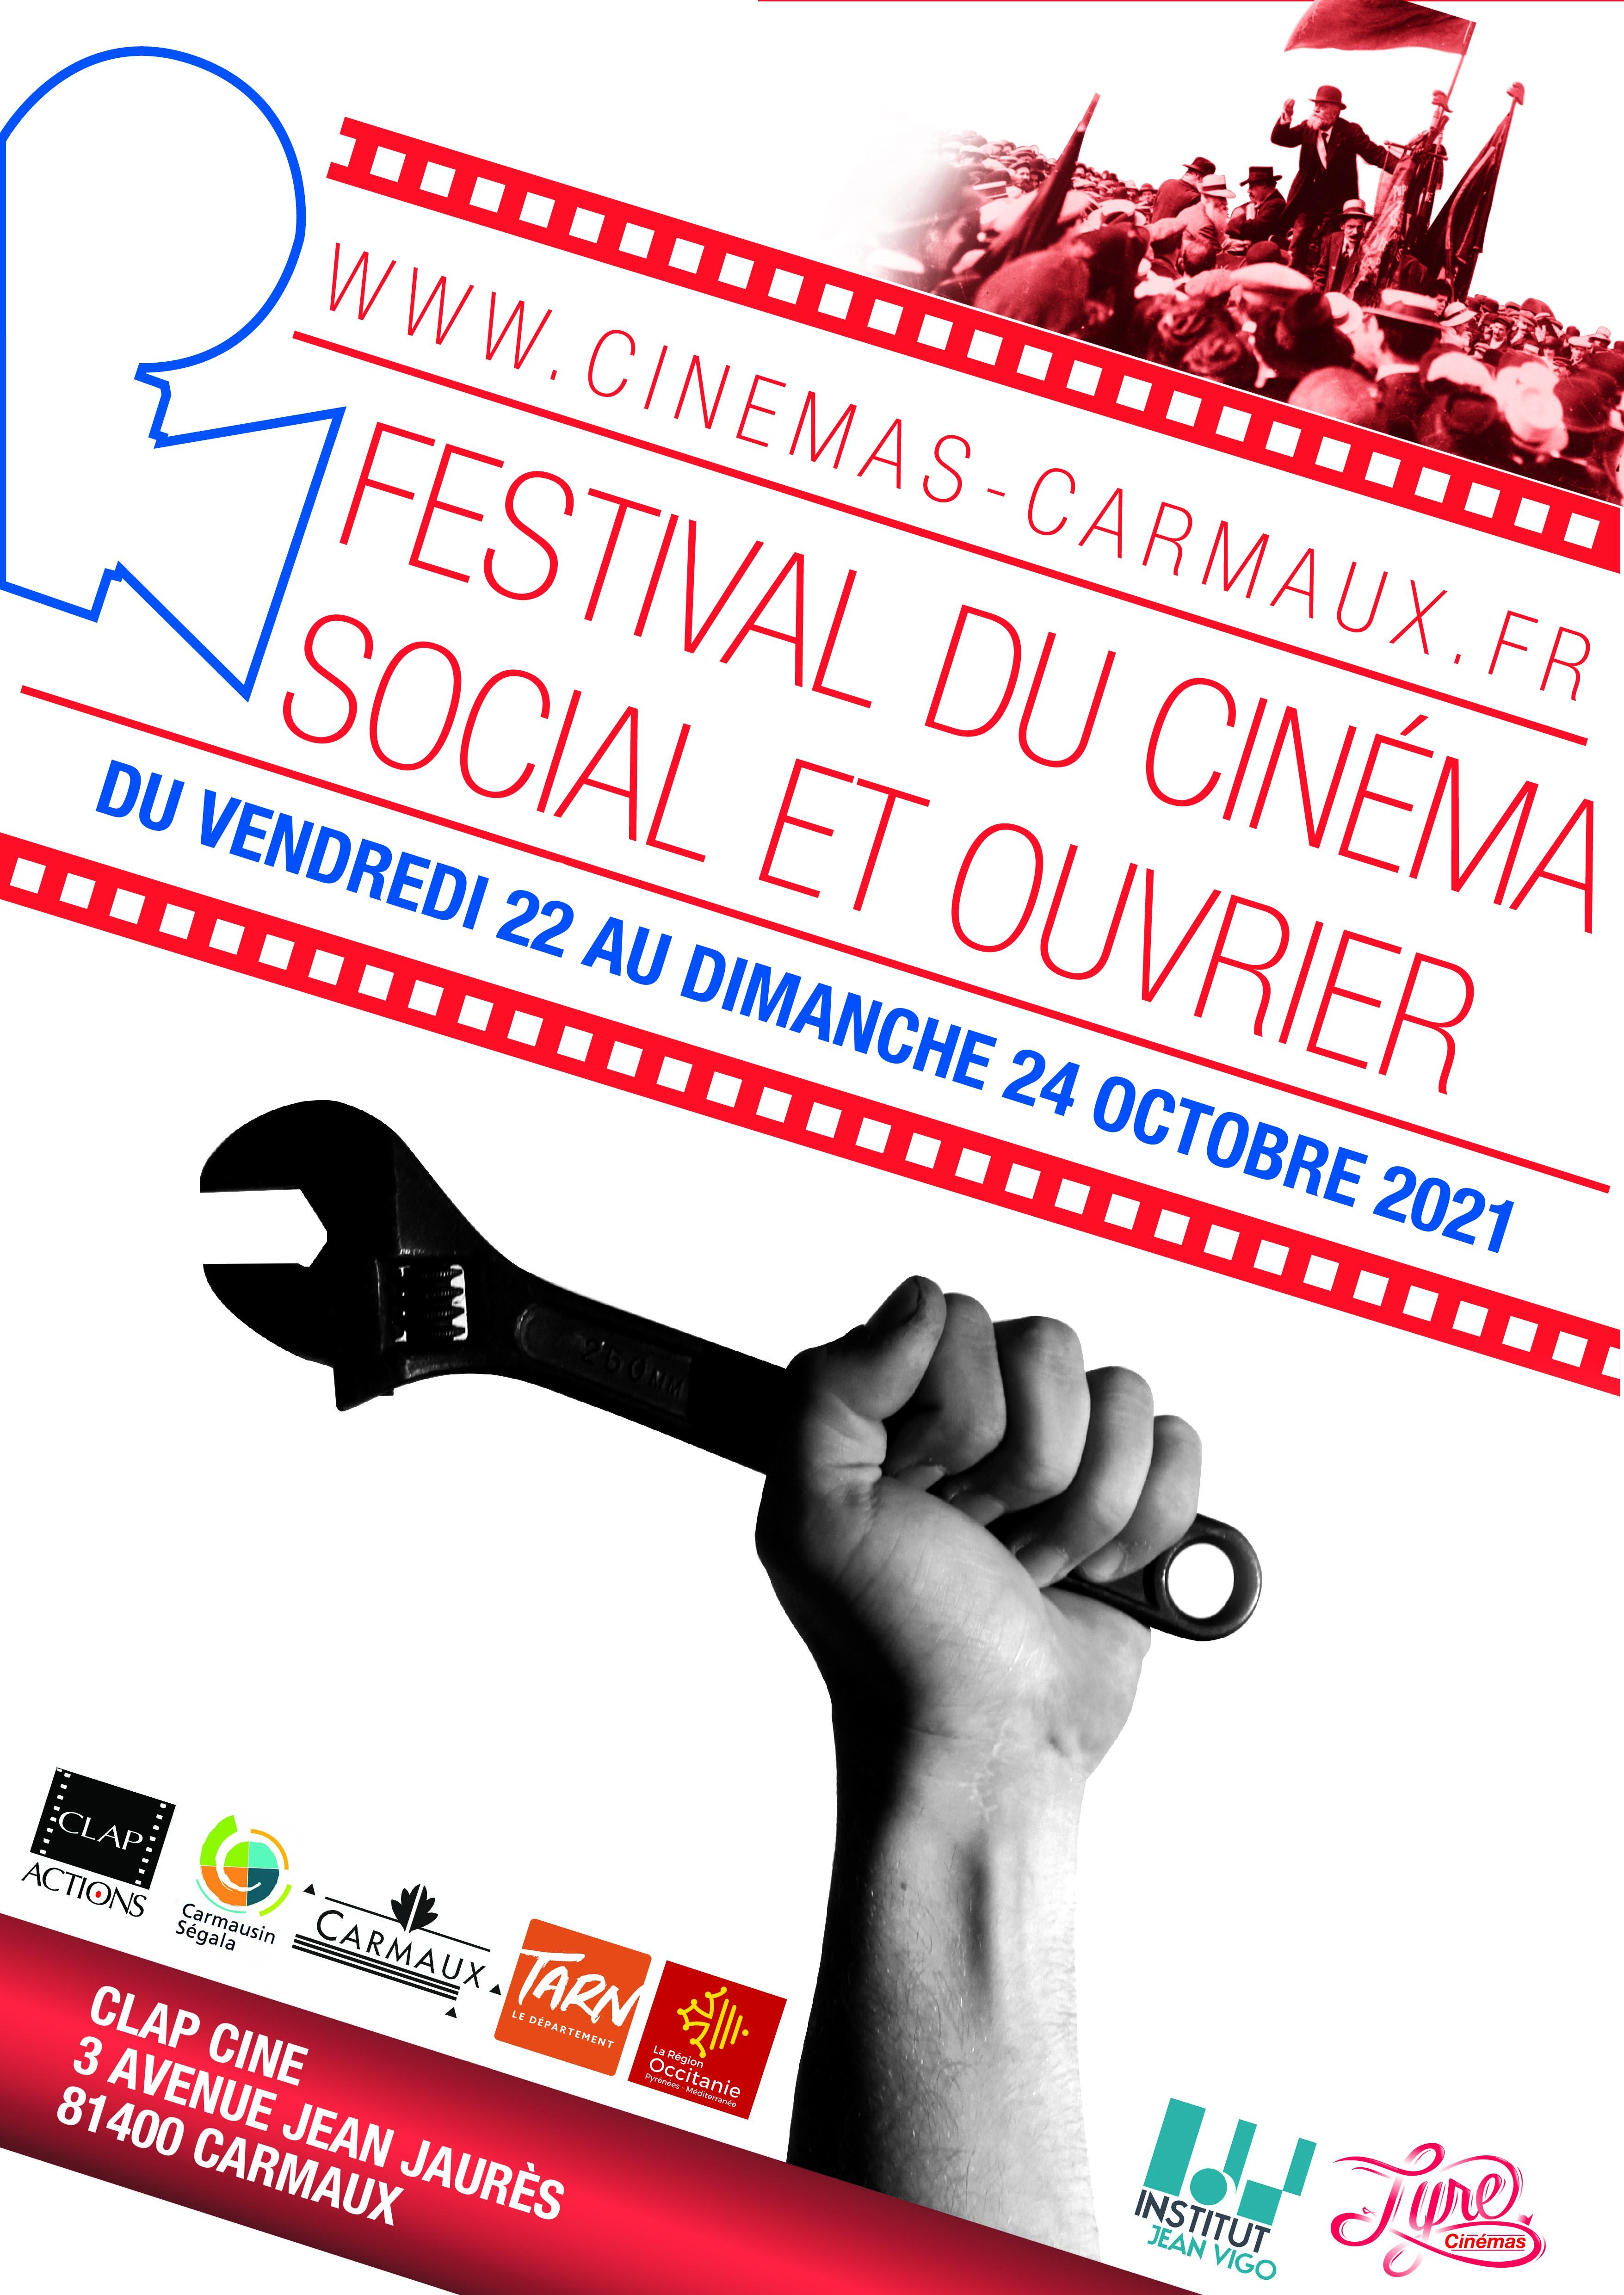 Illustration de Festival du cinéma social et ouvrier